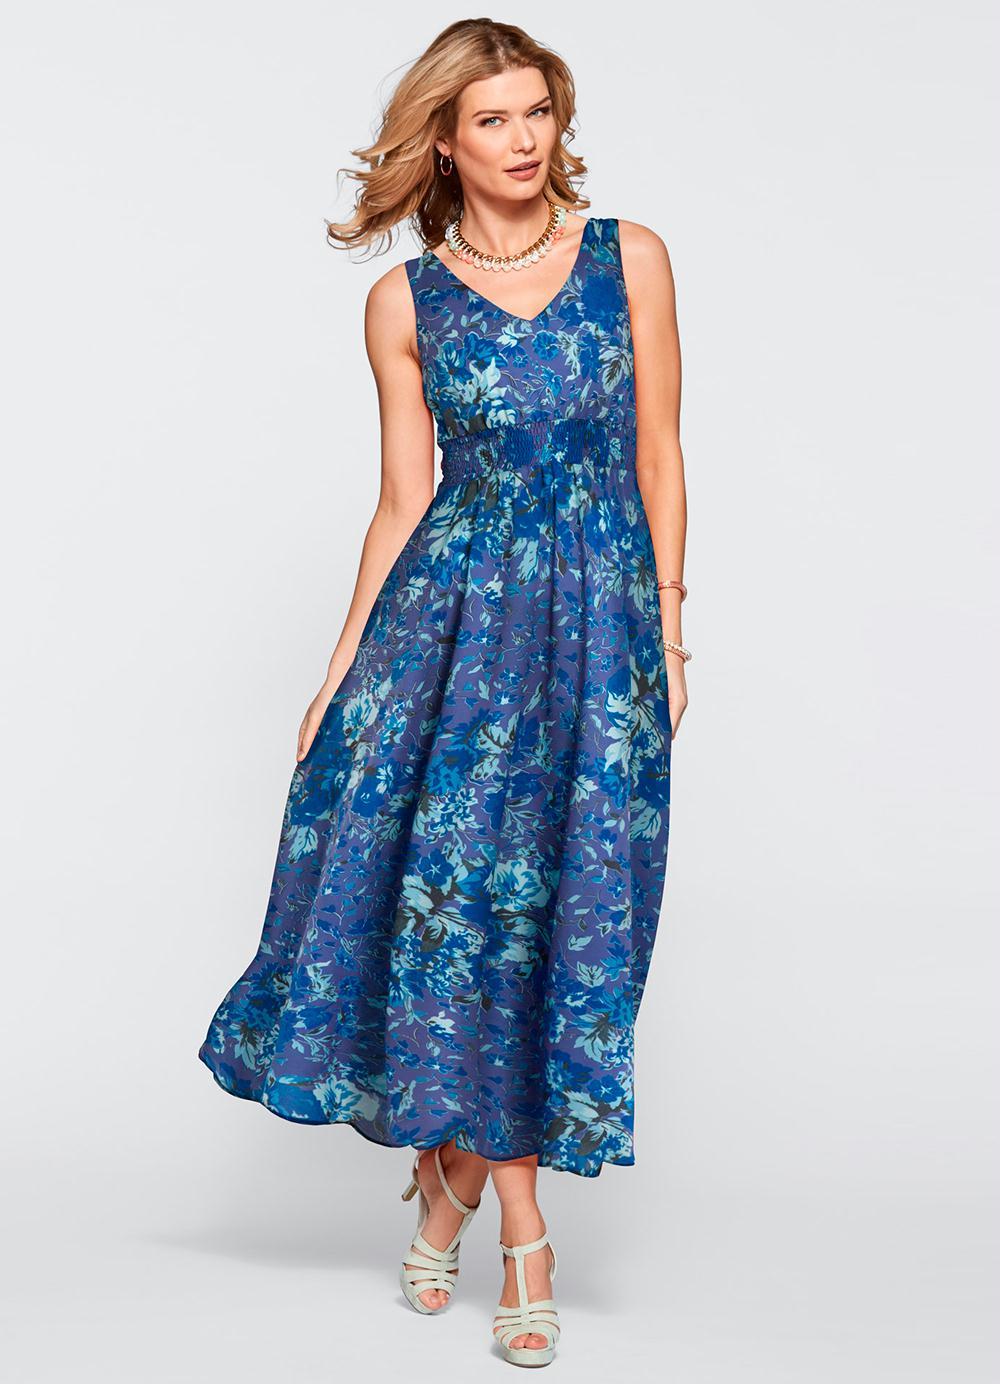 d2229f9afd55 Vestido Longo Estampado Azul - bonprix